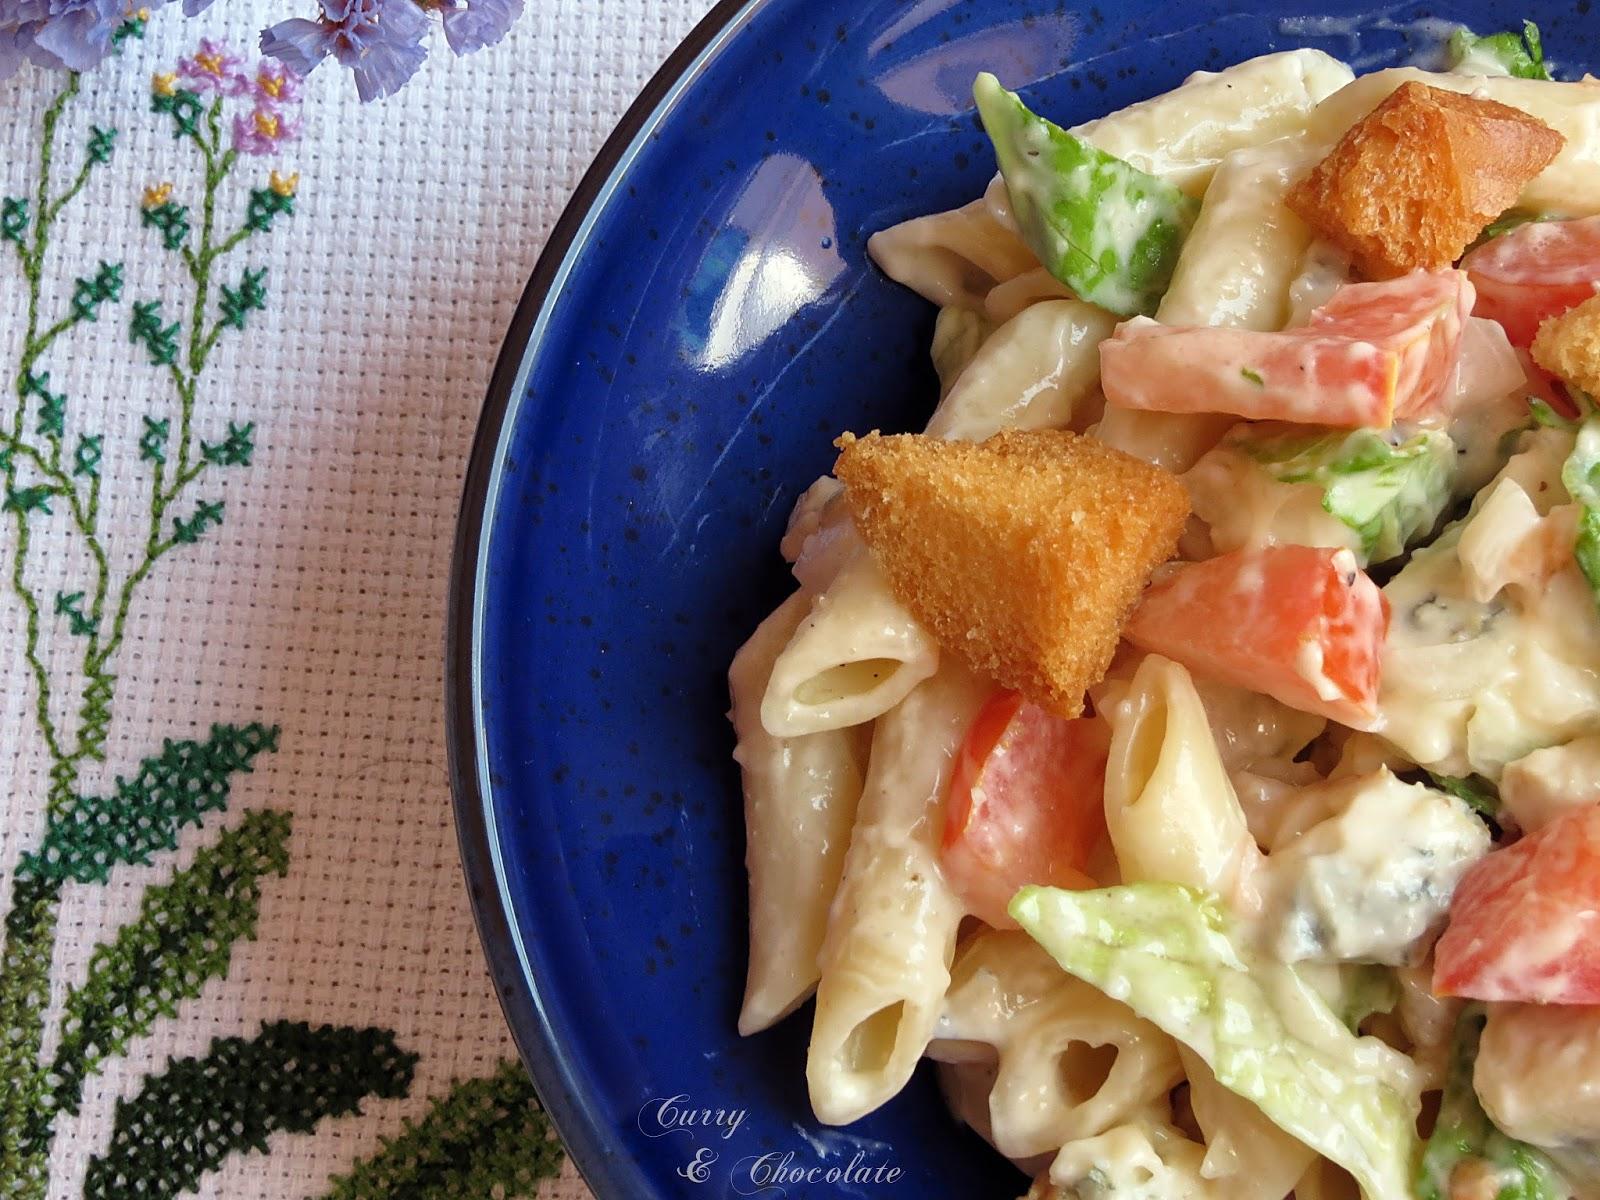 Ensalada César de pasta - Caesar pasta salad